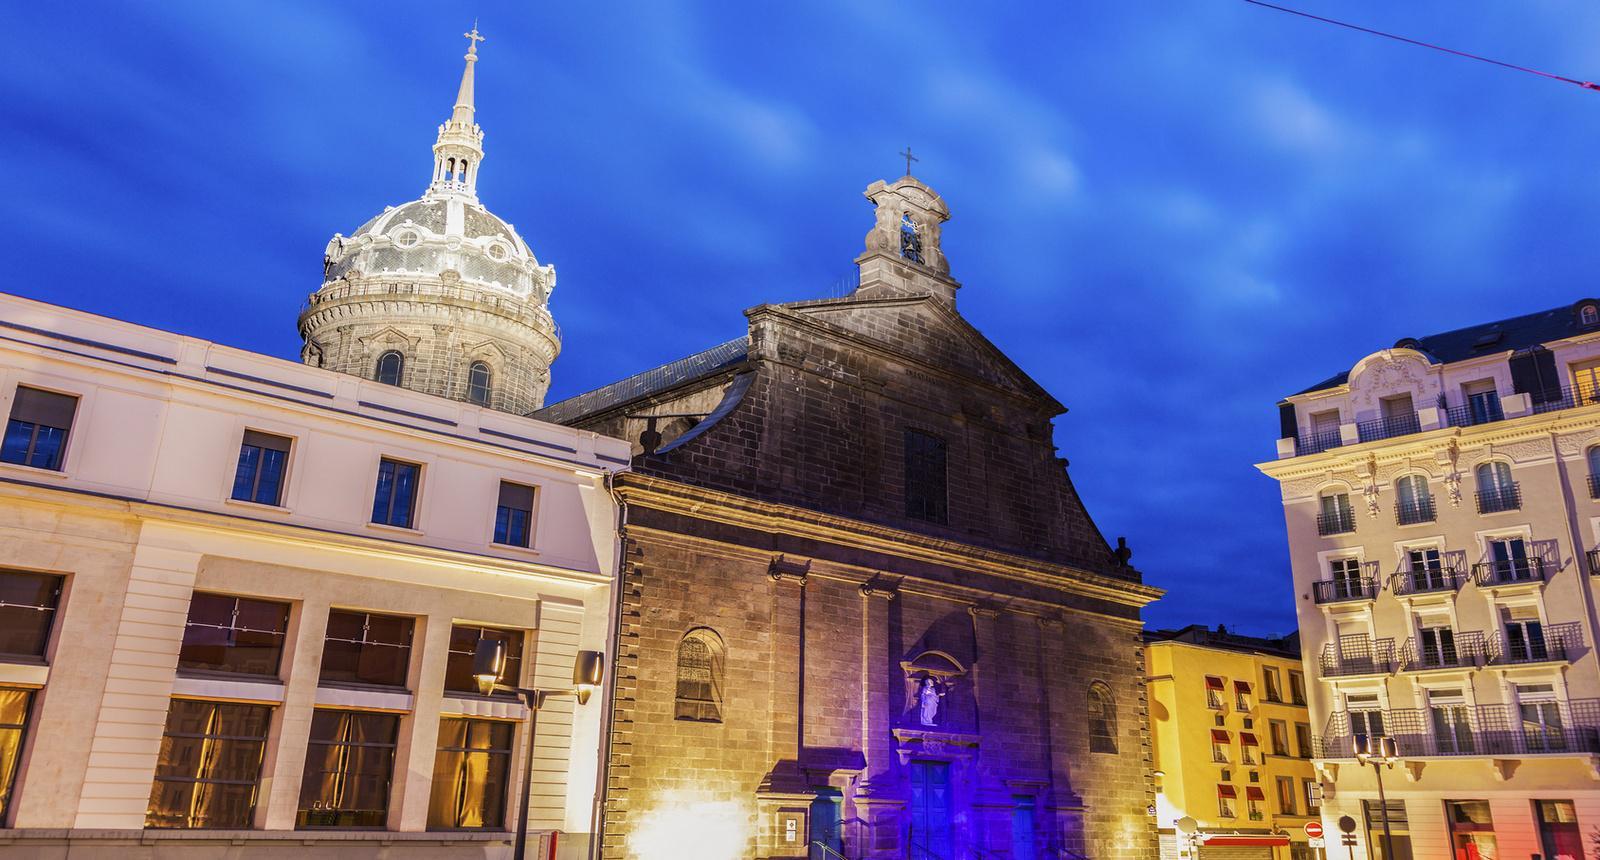 Eglise Saint-Pierre les Minimes, Clermont-Ferrand